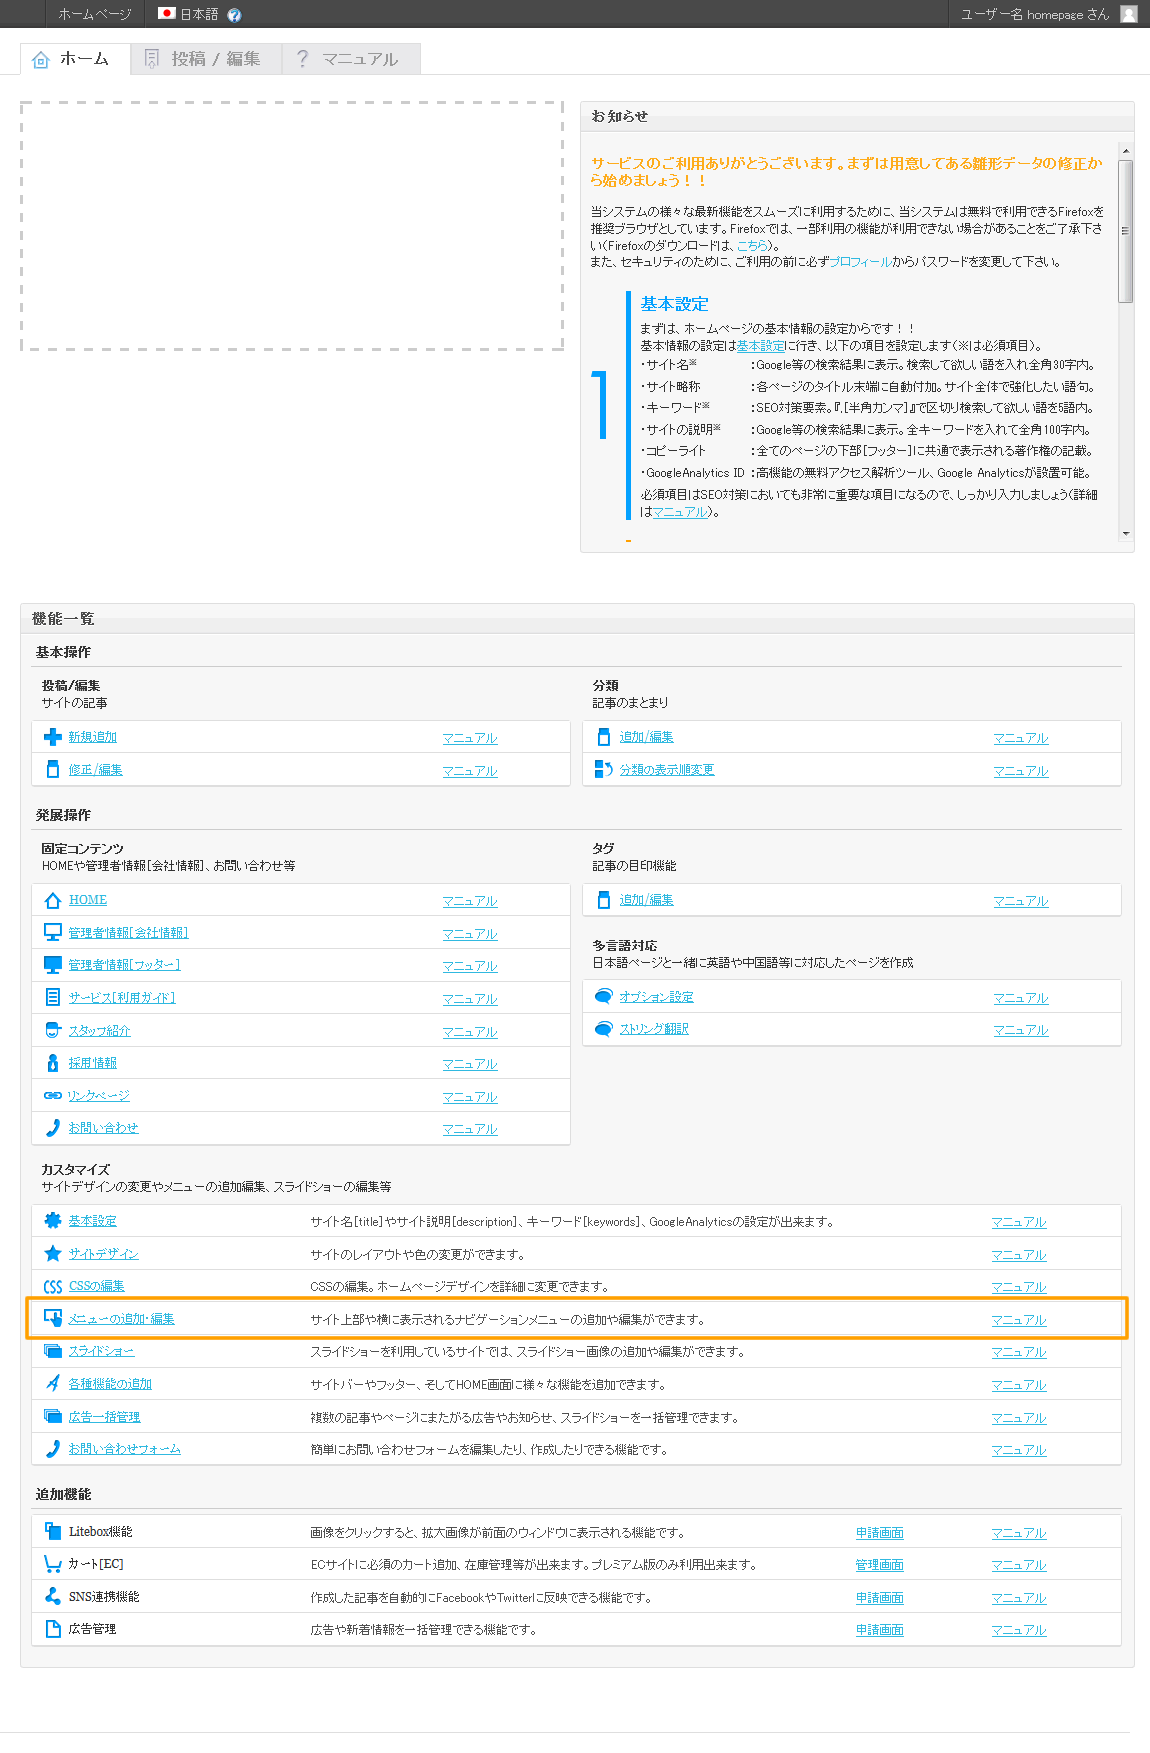 ホームページ 管理画面 ナビ[メニュー]   初期費用無料ホームページ作成サイト - FunMaker